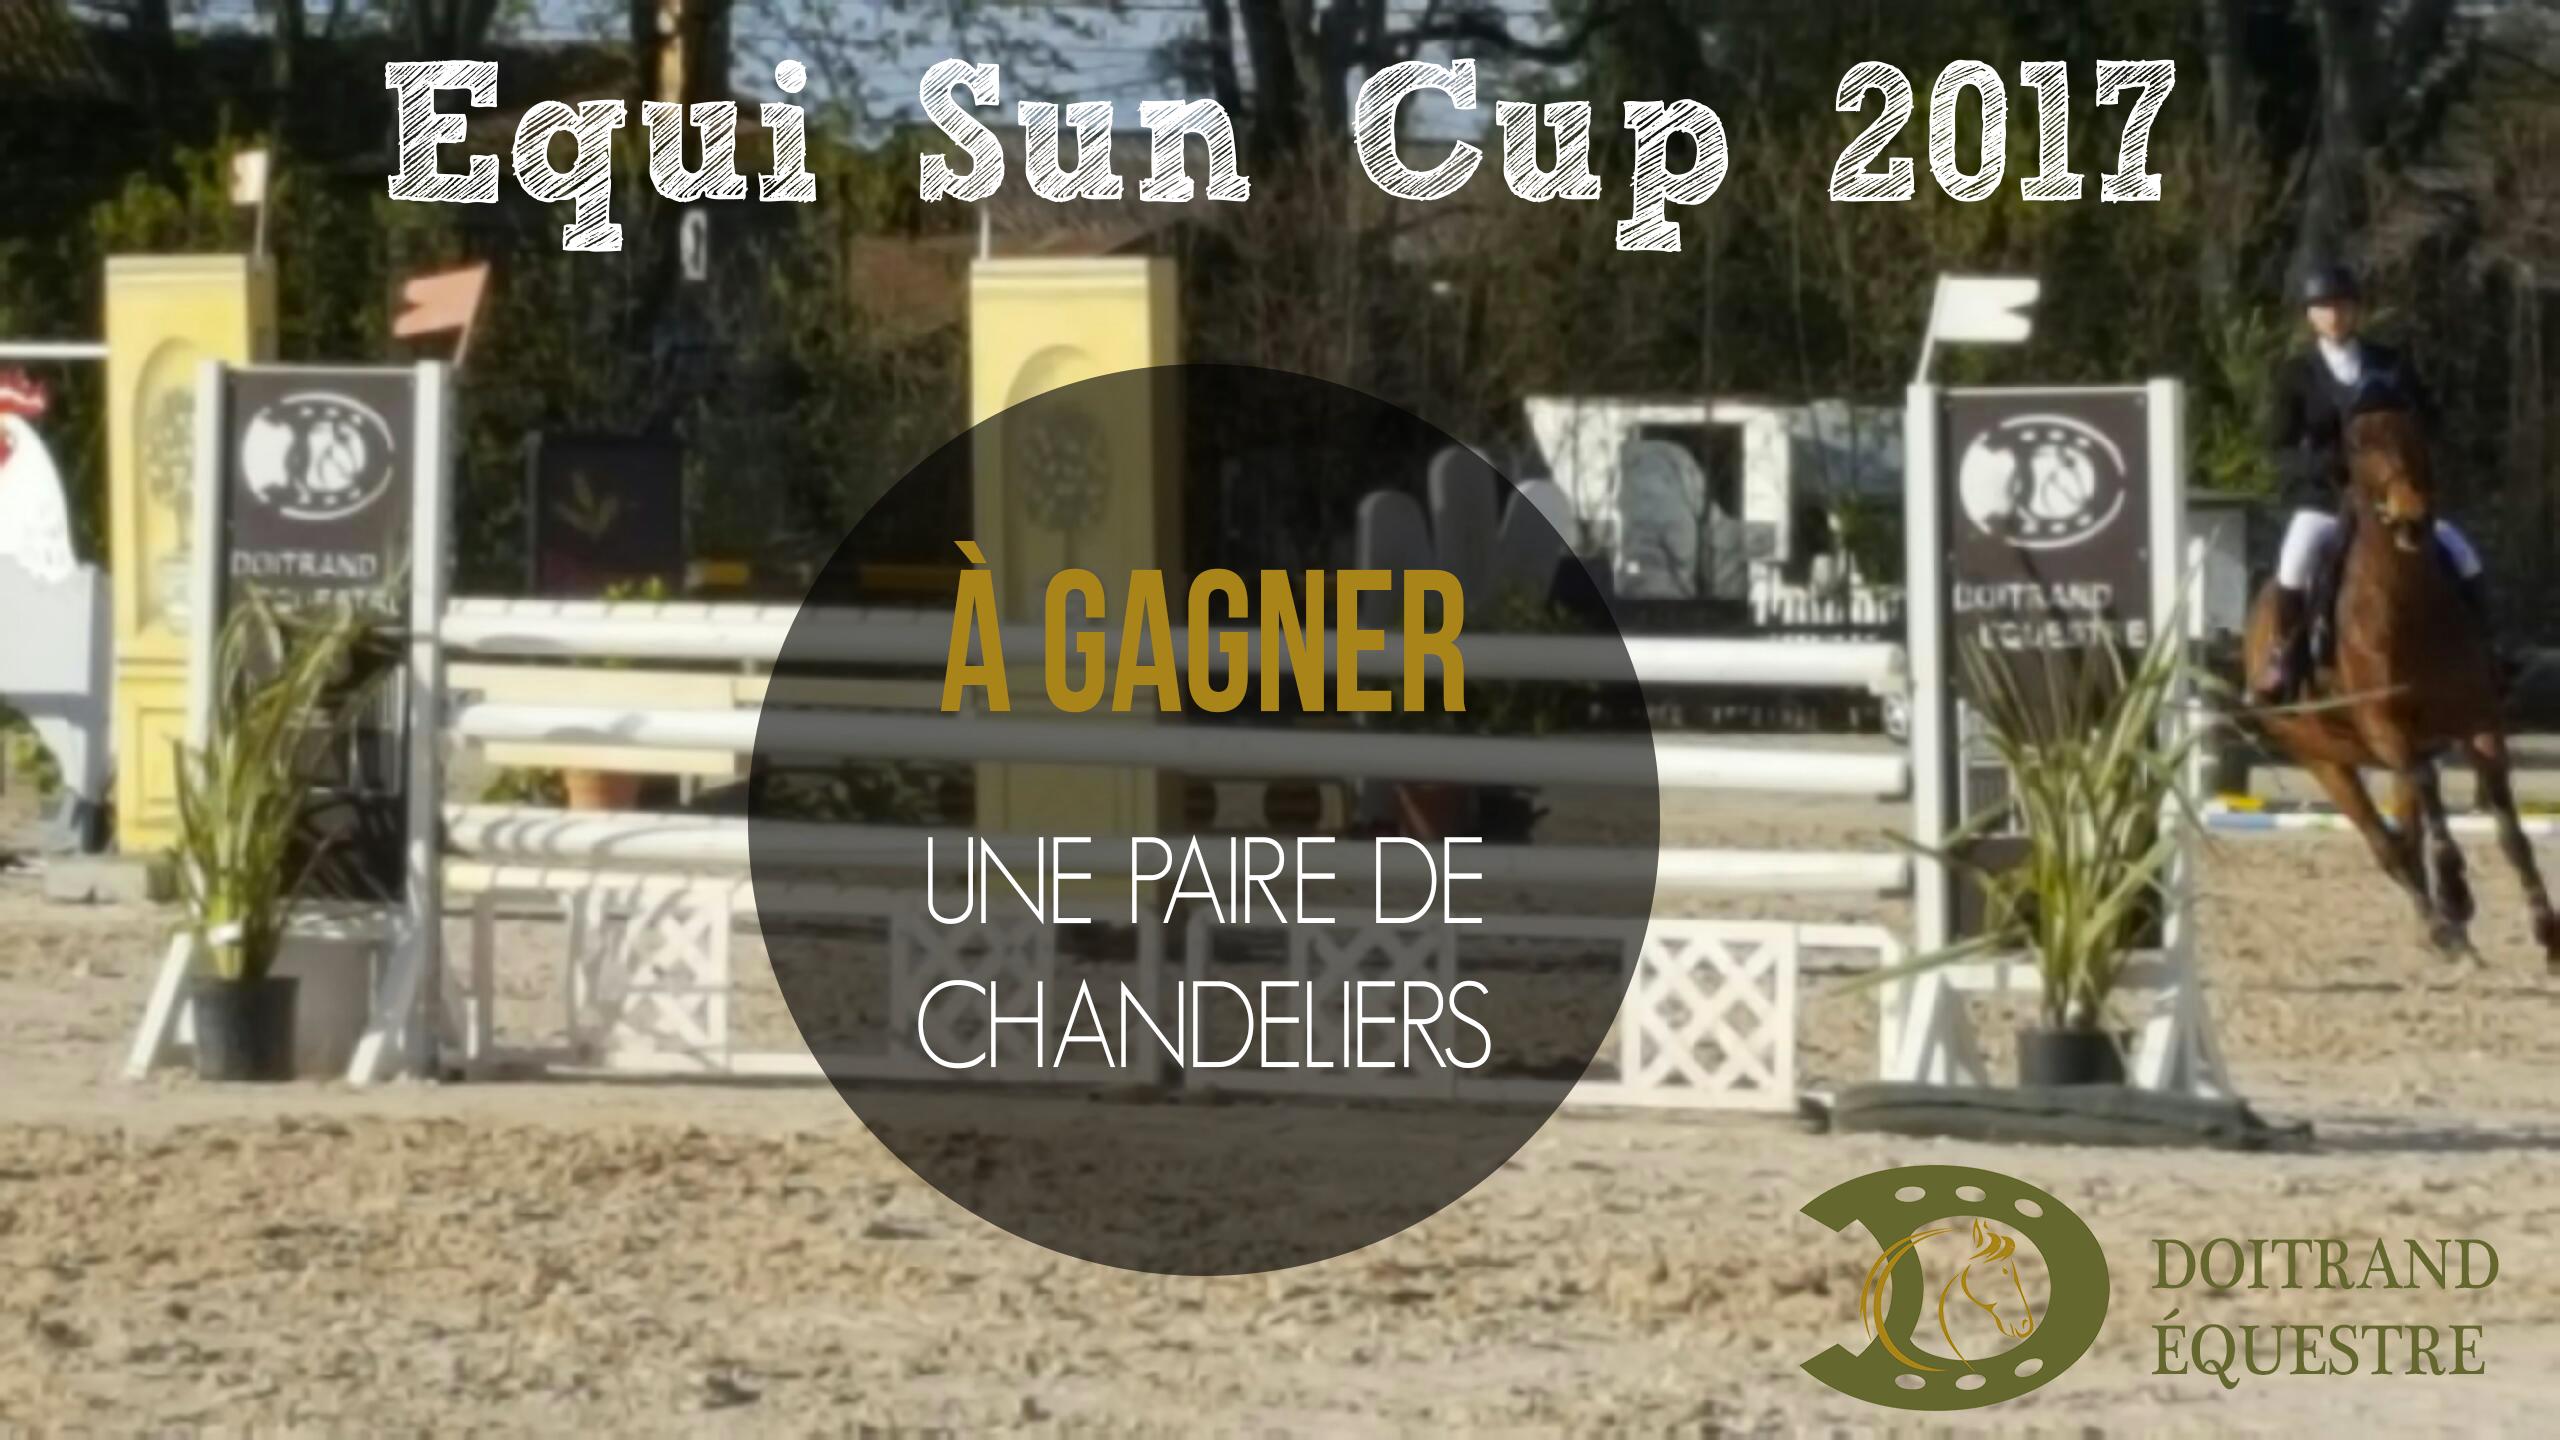 Visuel chandeliers à gagner pour l'équi Sun Cup 2017